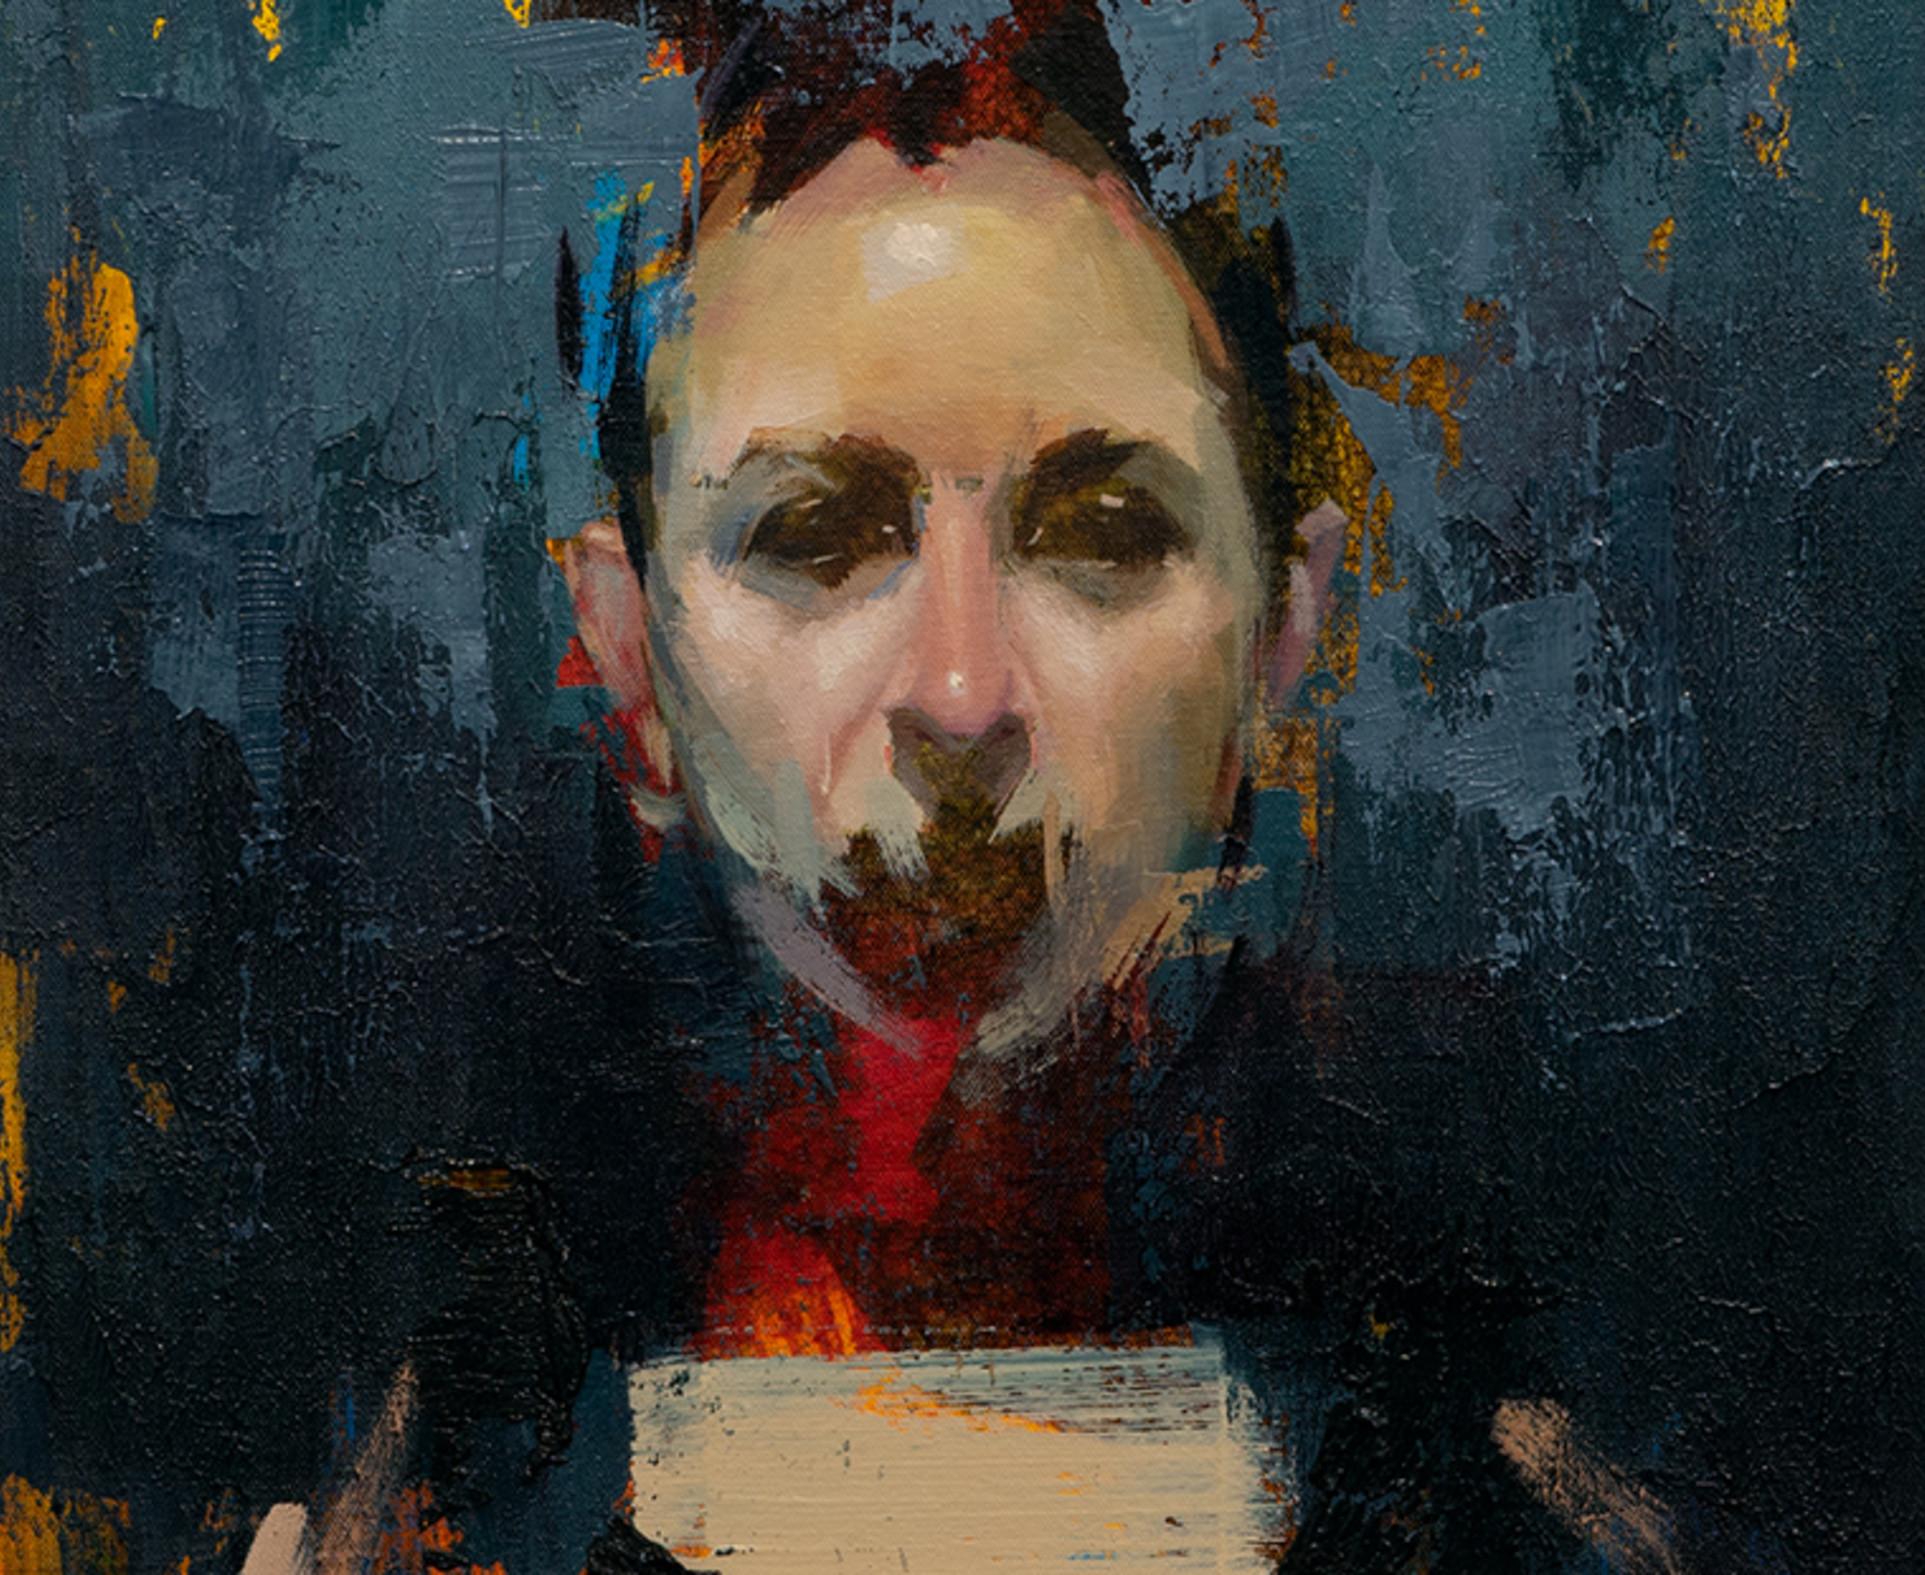 John Wentz, Deliberately Obscure, 2018